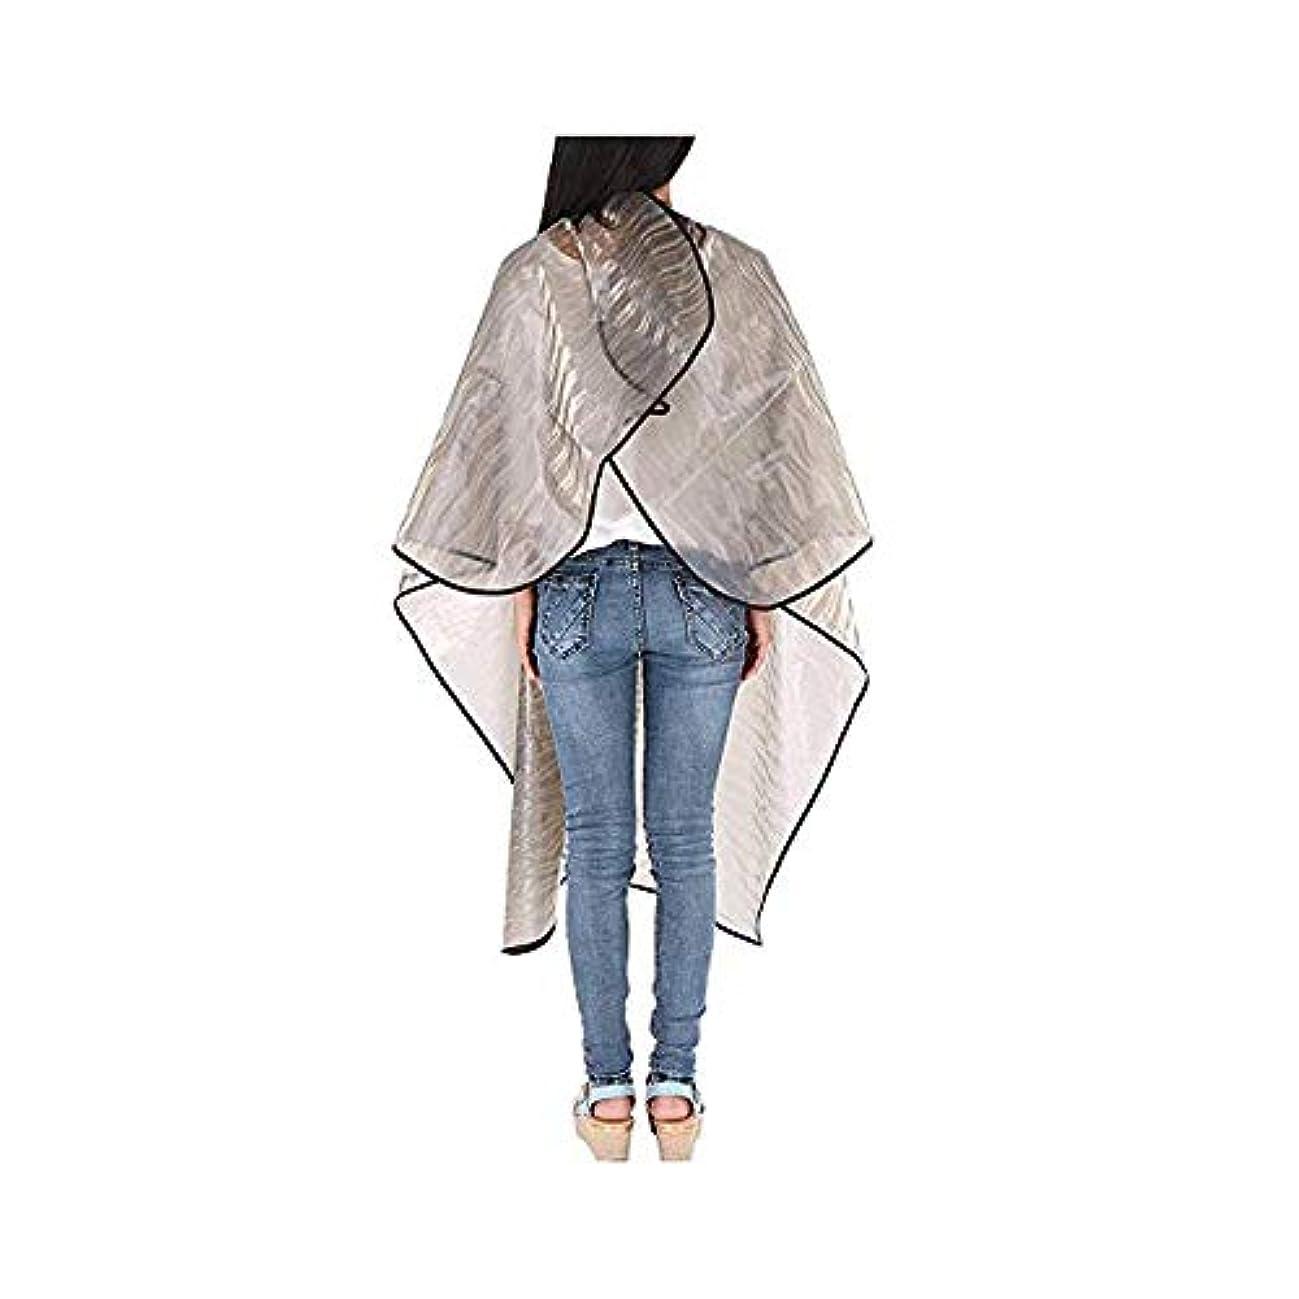 刈る集中聴覚透明防水毛染め布、3個のヘアカットケープ3Dウォーターリップル毛染め布、 モデリングツール